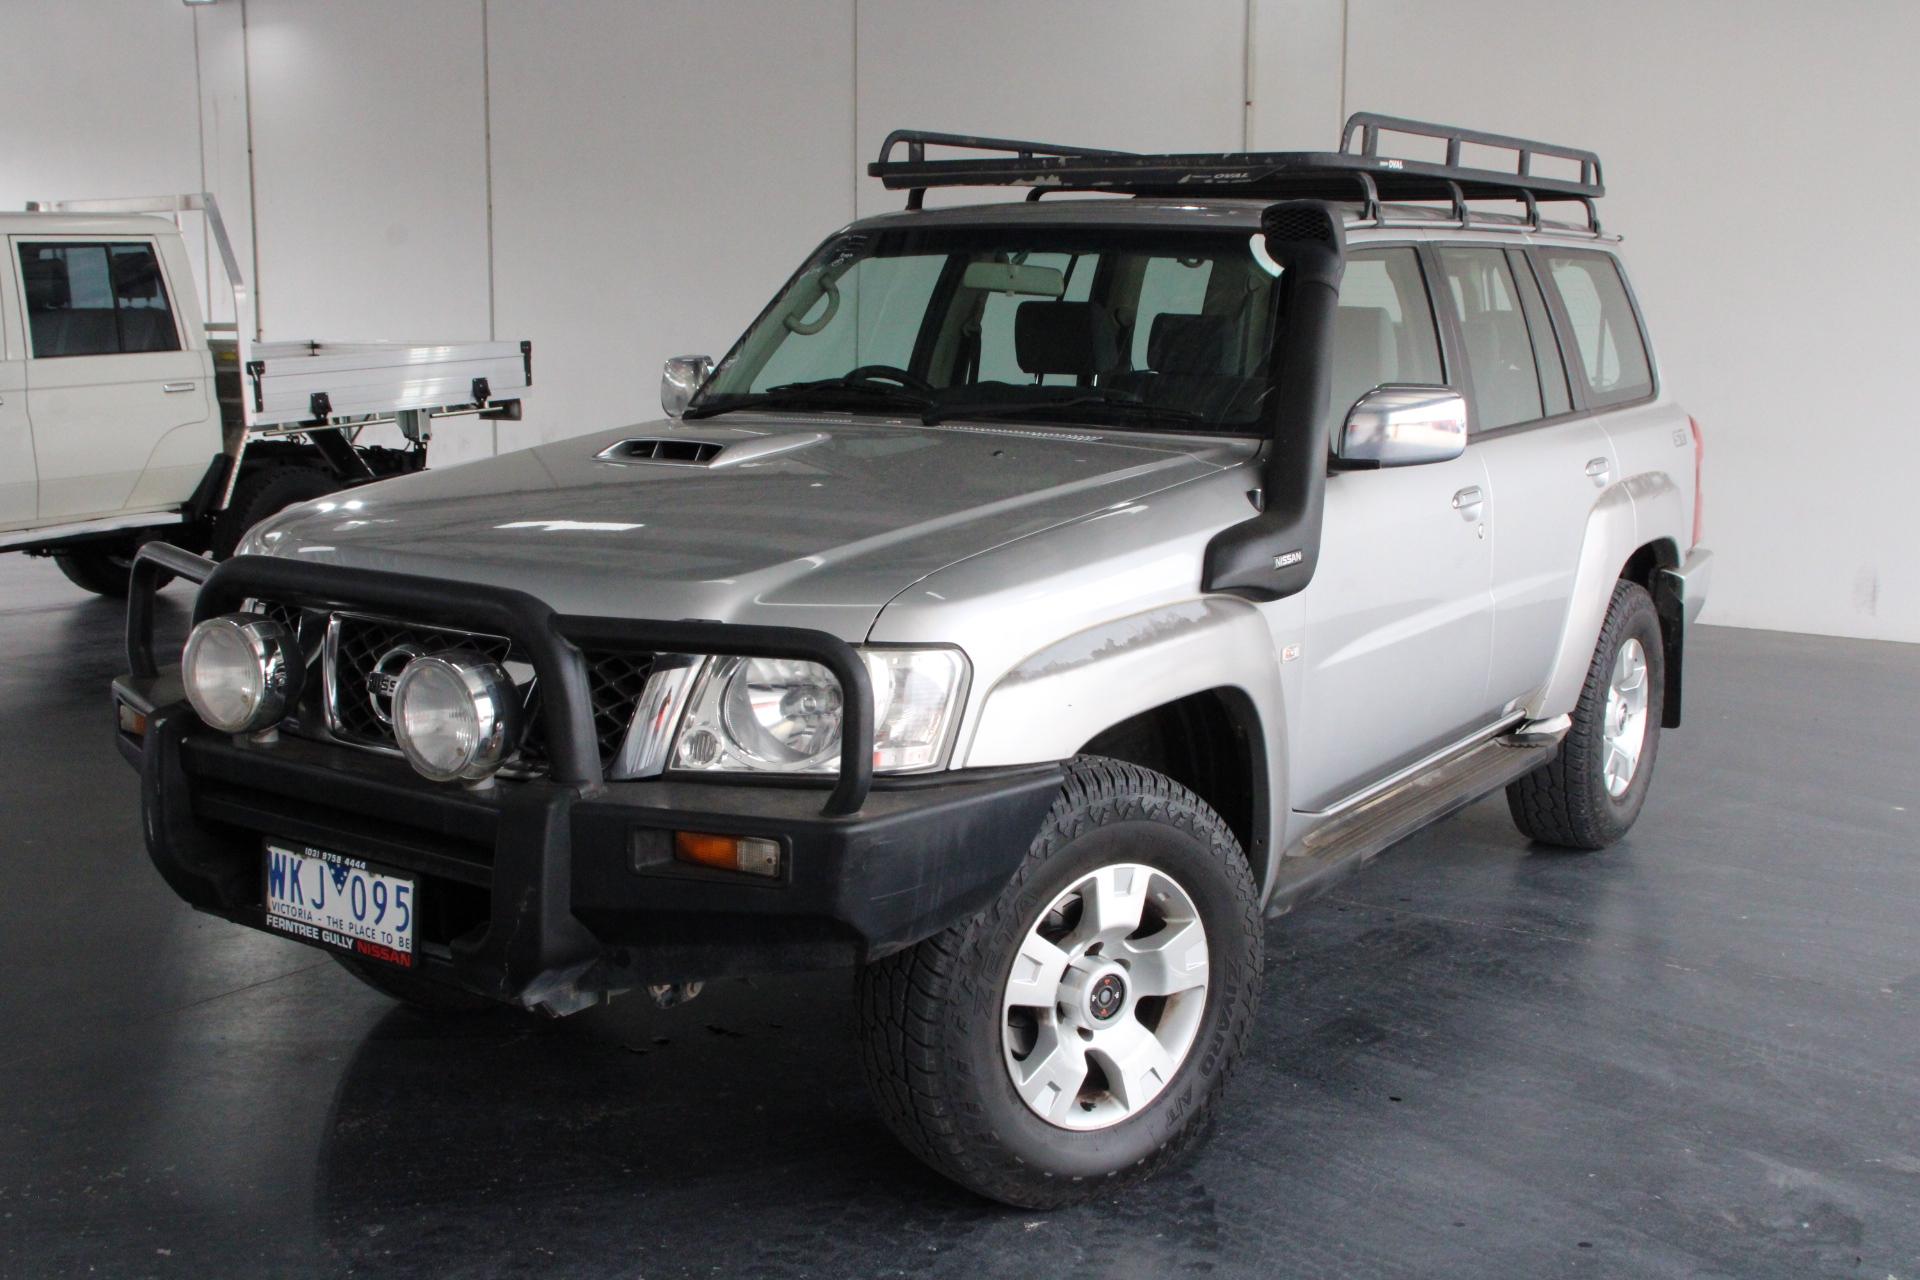 2008 Nissan Patrol ST (4x4) GU II Turbo Diesel Manual 7 Seats Wagon